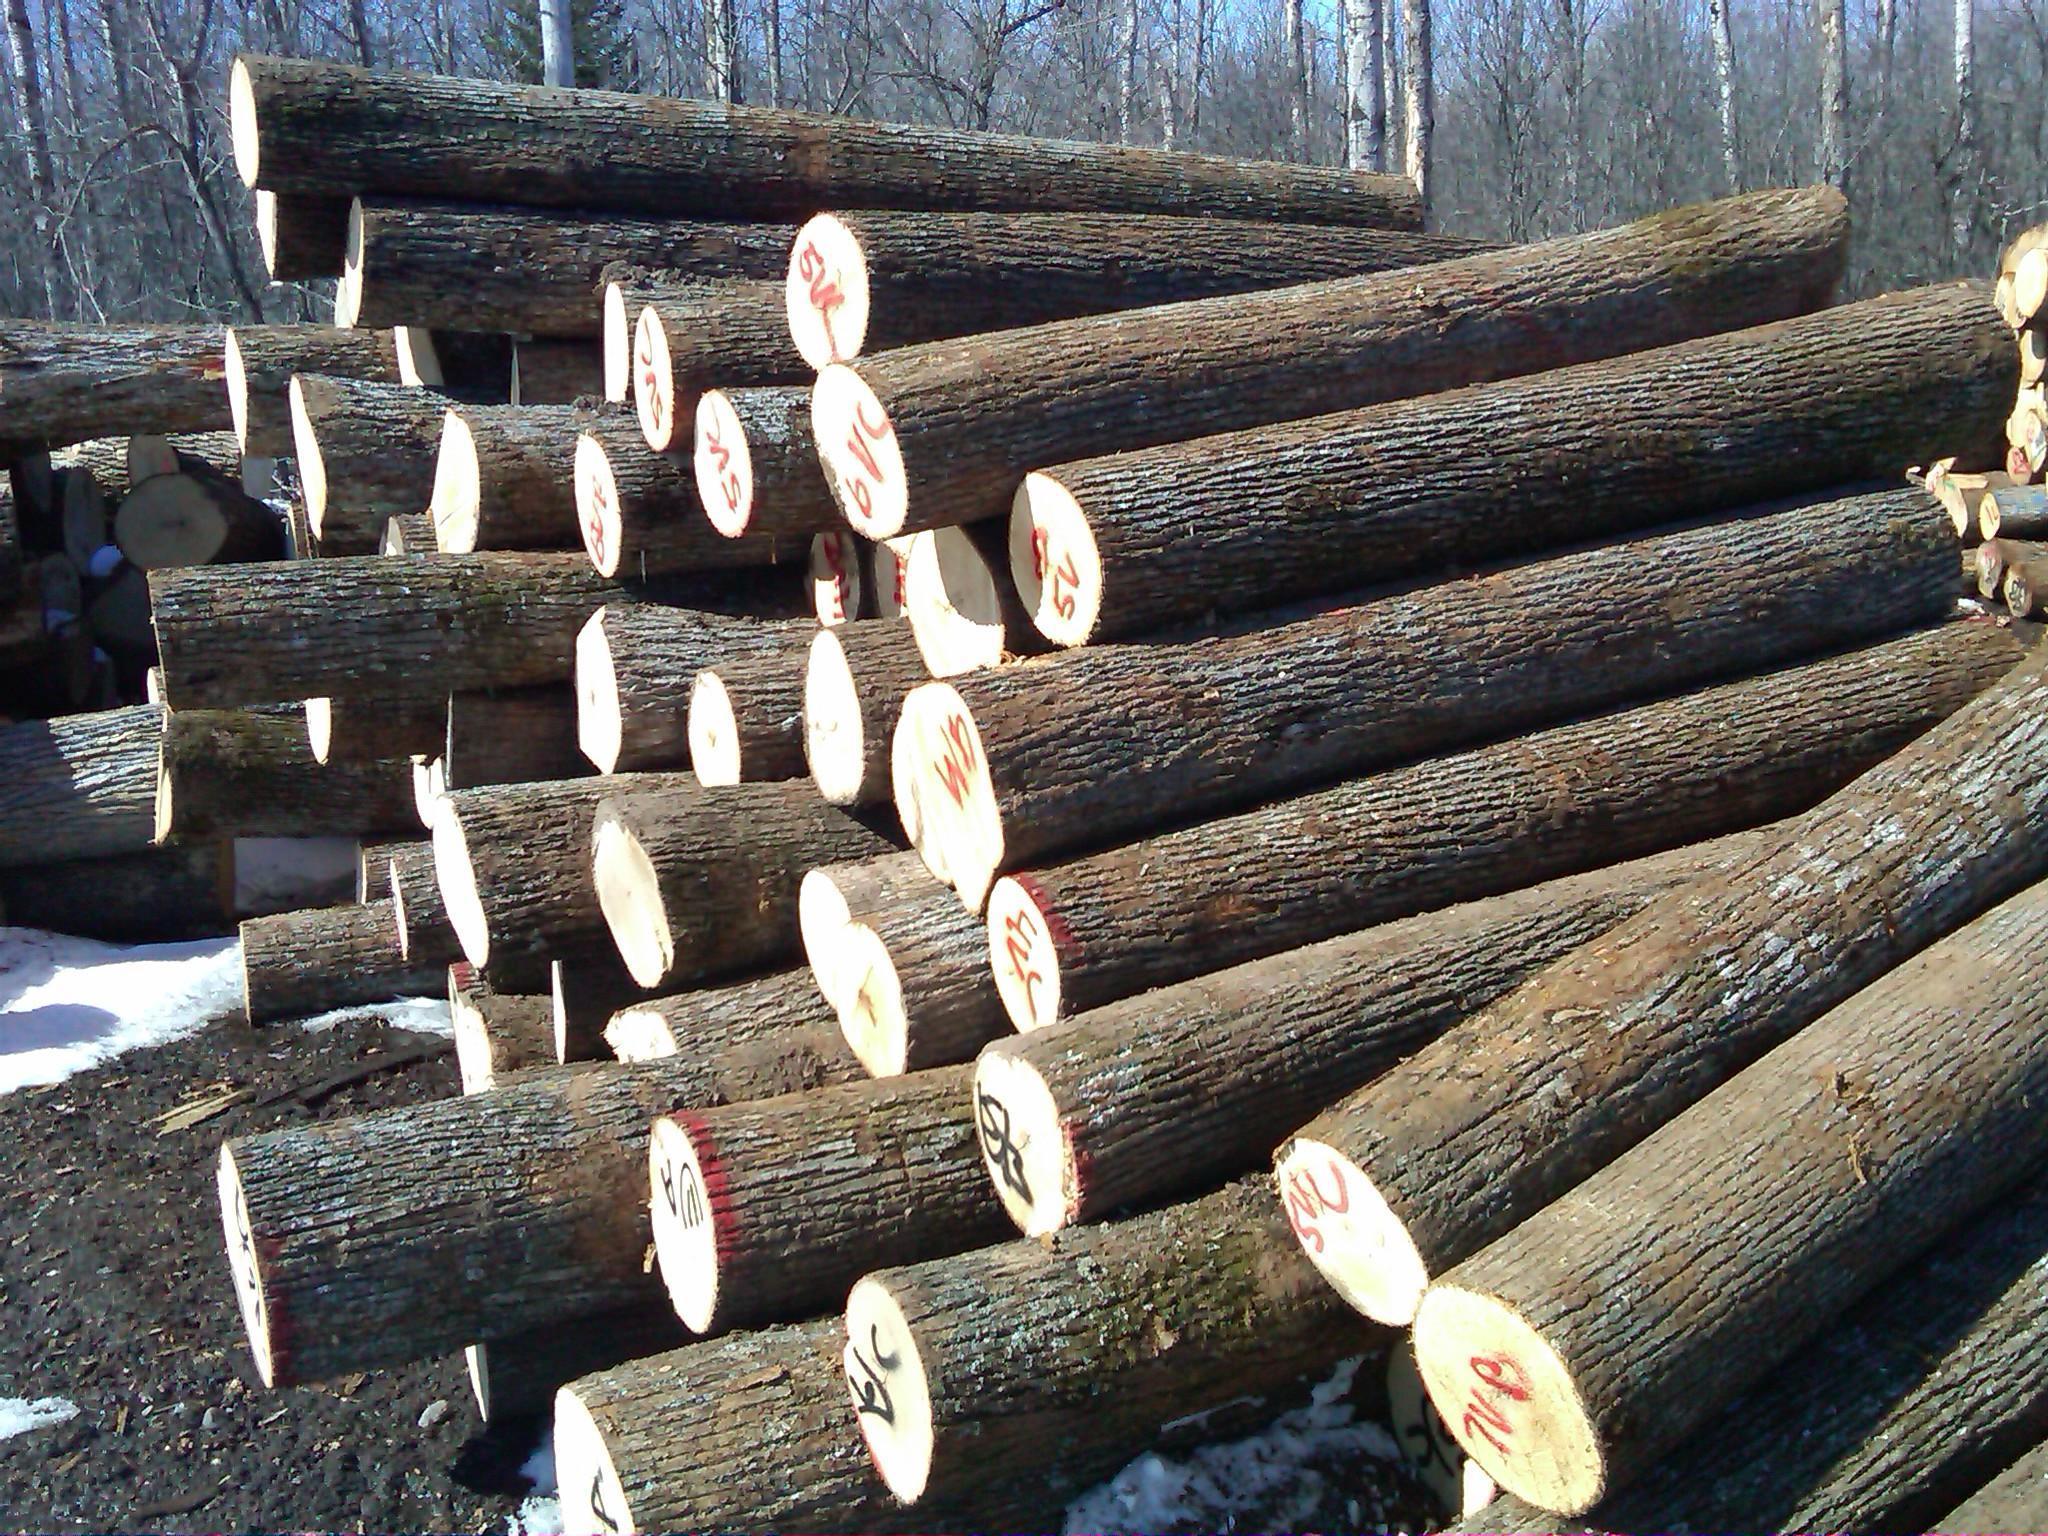 Basswood Veneer Logs Woodworking Class In The Woodlands